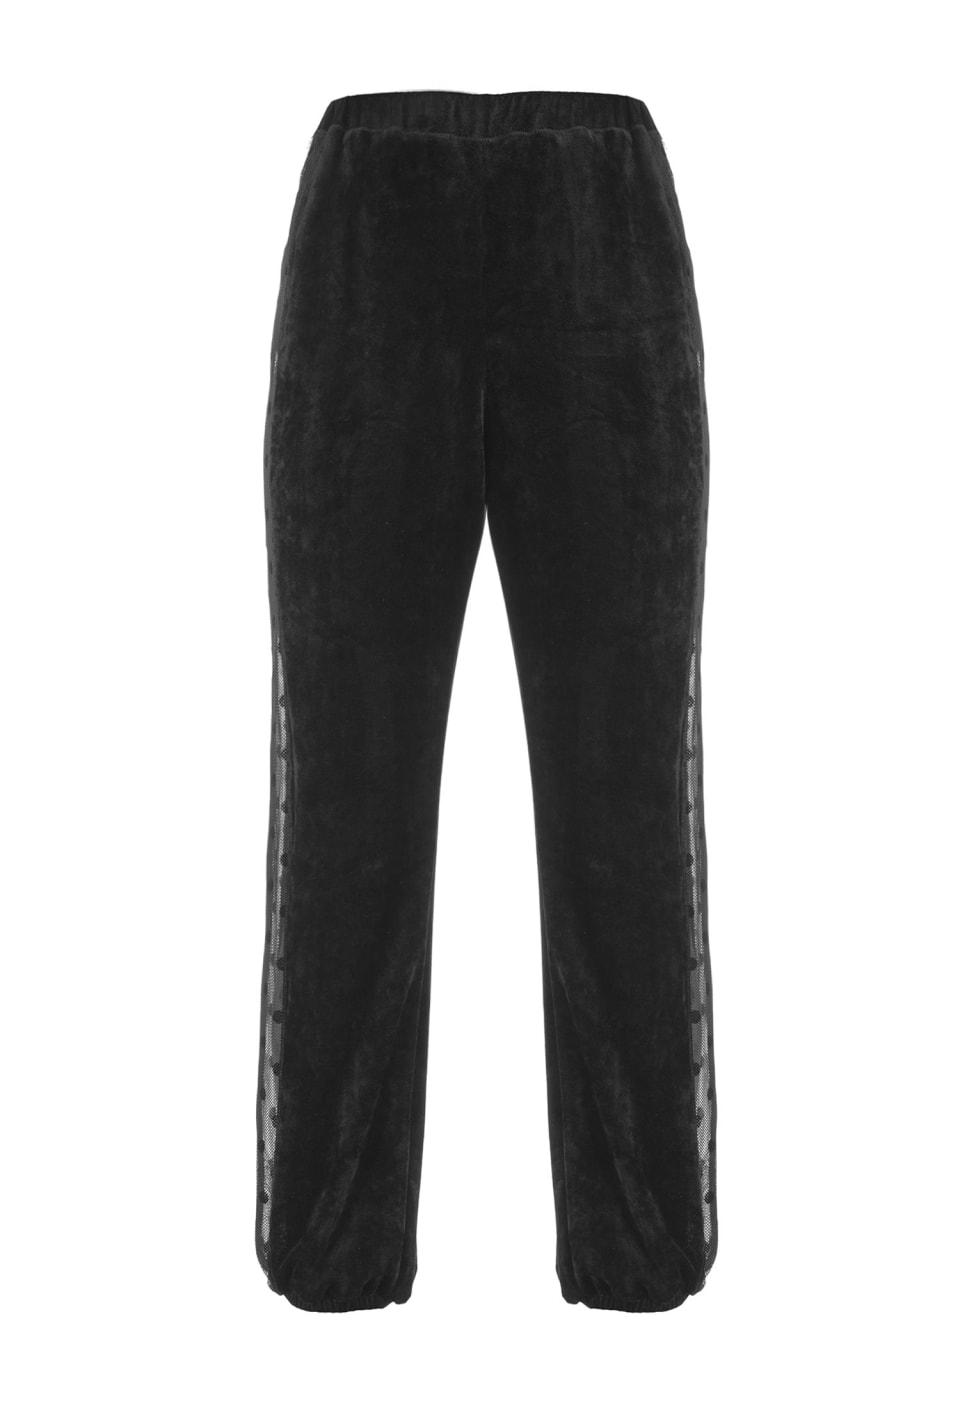 Pantalon de jogging en chenille et tissu filet